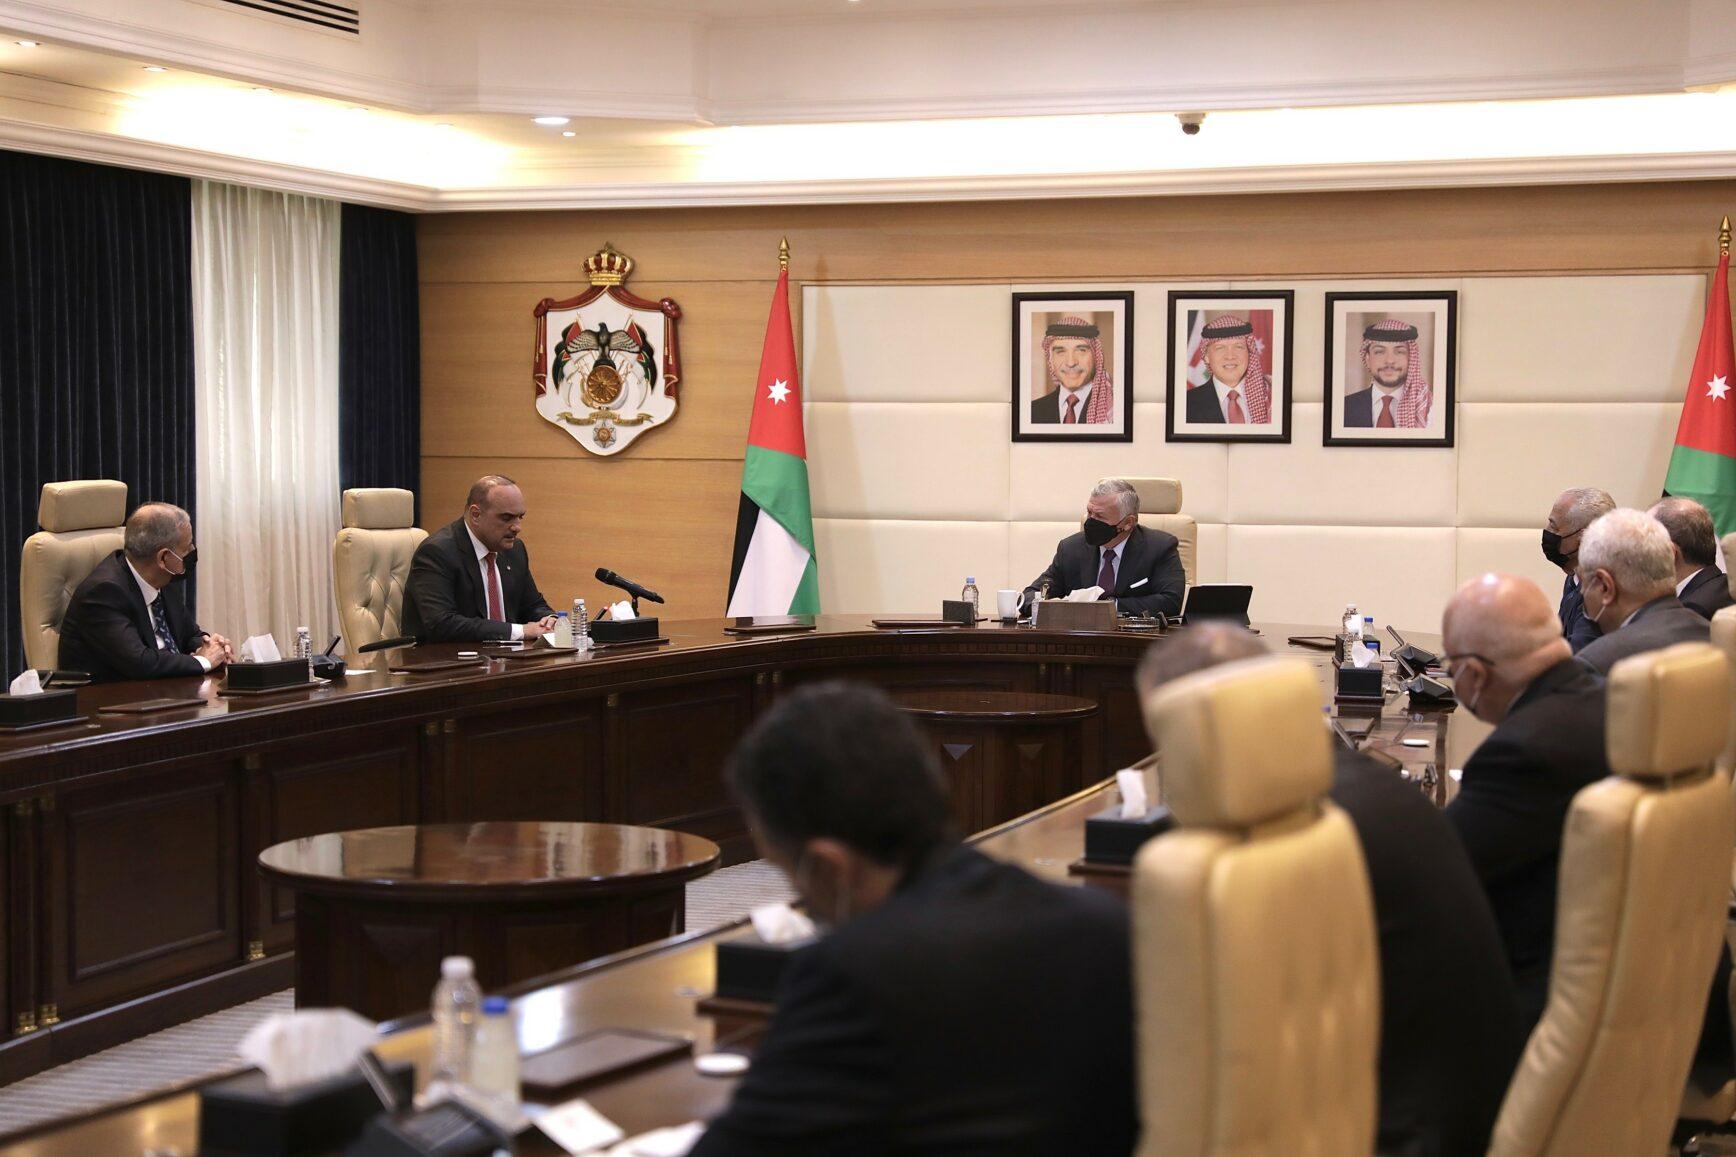 الملك: افتتاح المدارس ومختلف القطاعات بشكل آمن مهم جدا ويتطلب من المواطن الالتزام